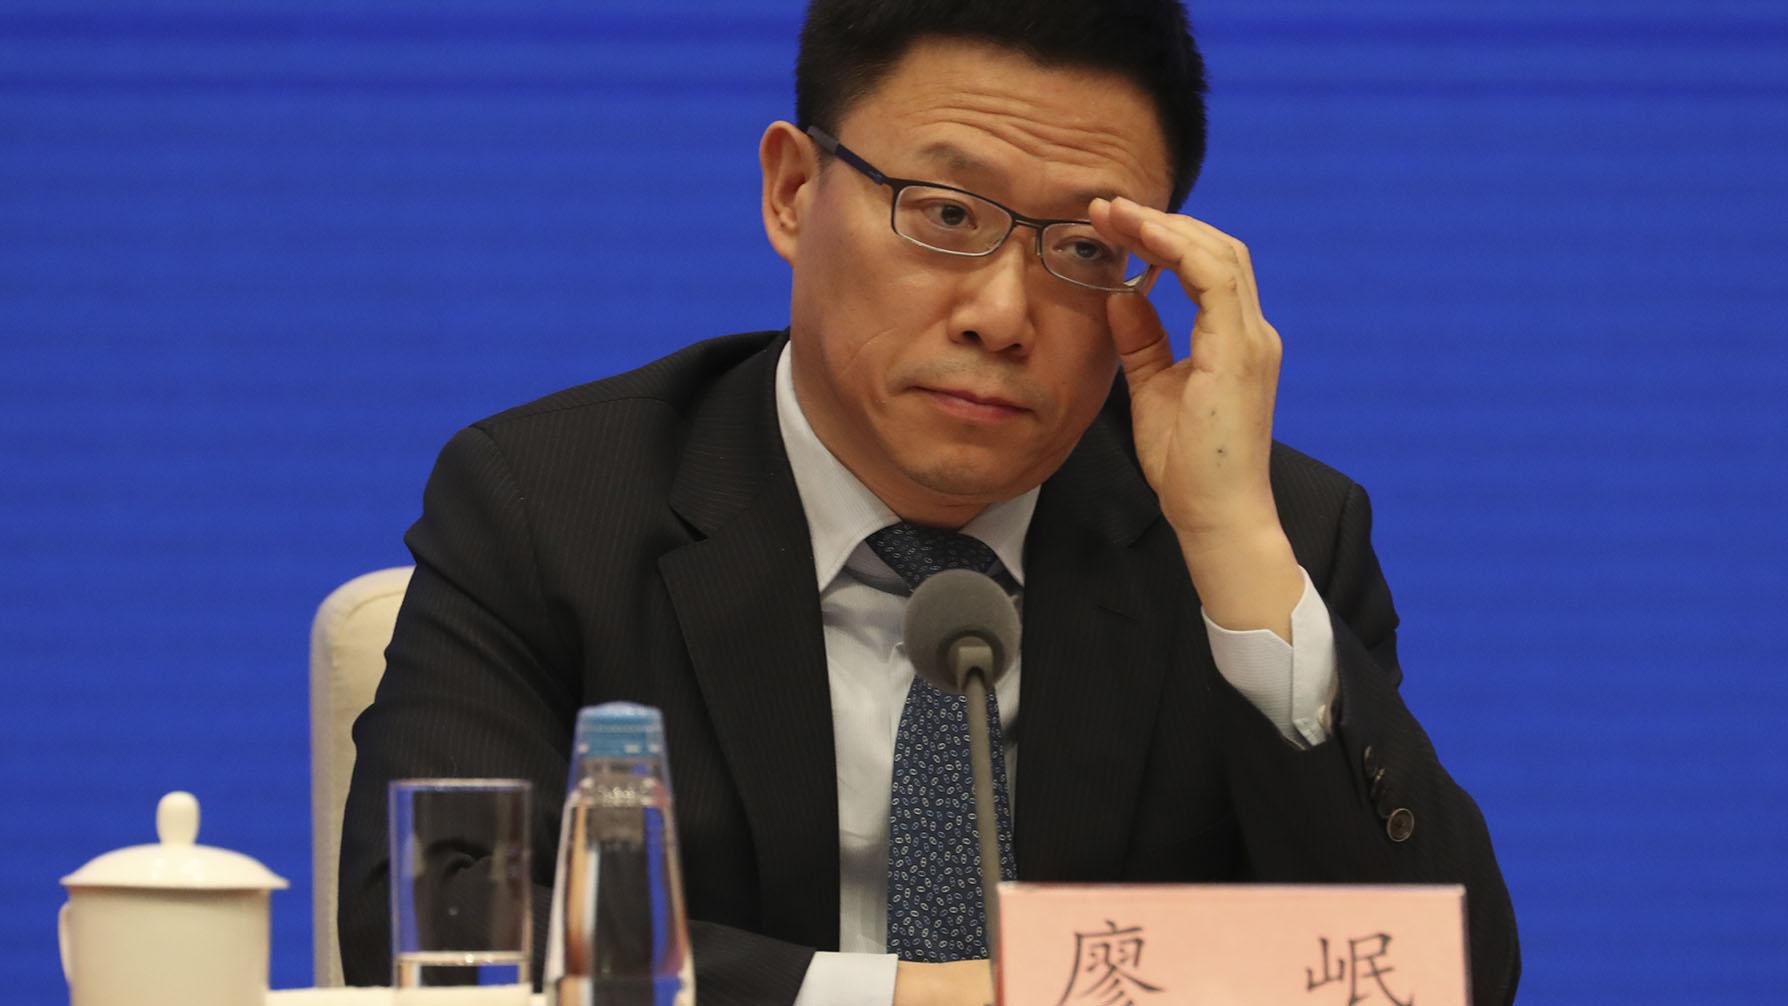 财政部副部长廖岷在记者会上。(美联社)